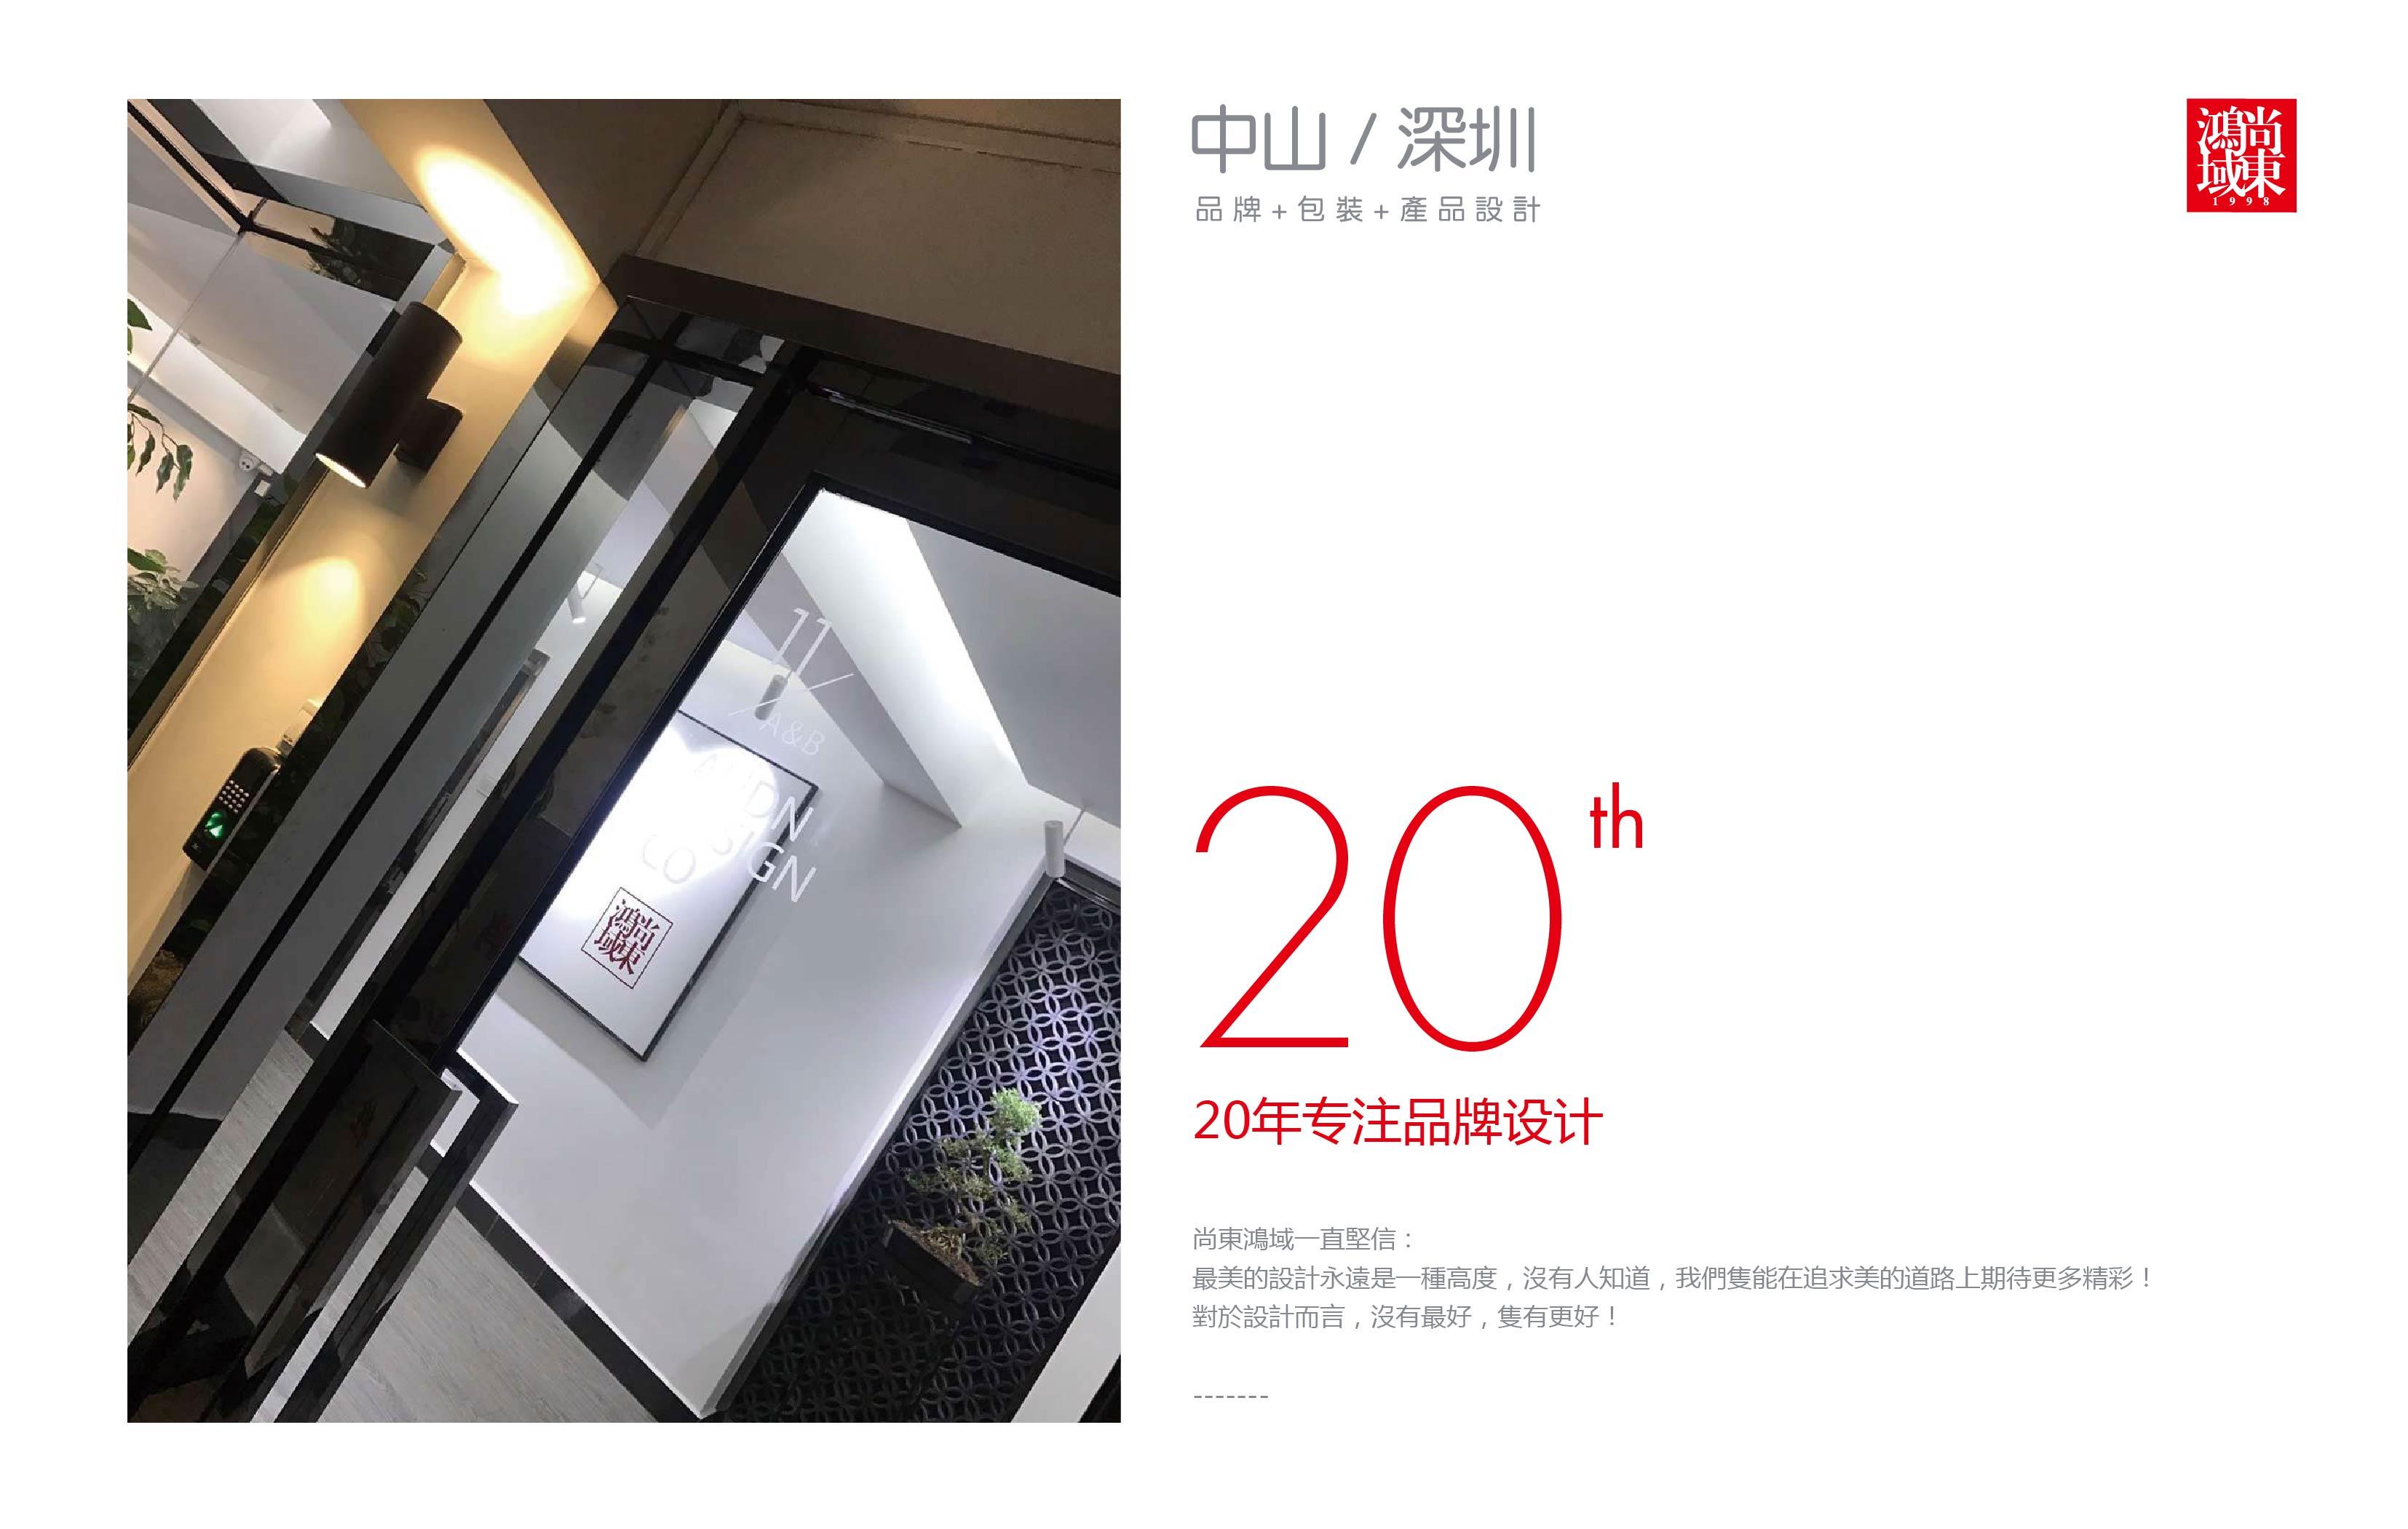 中山市尚东鸿域广告策划有限公司_才通国际人才网_www.nnf3.com